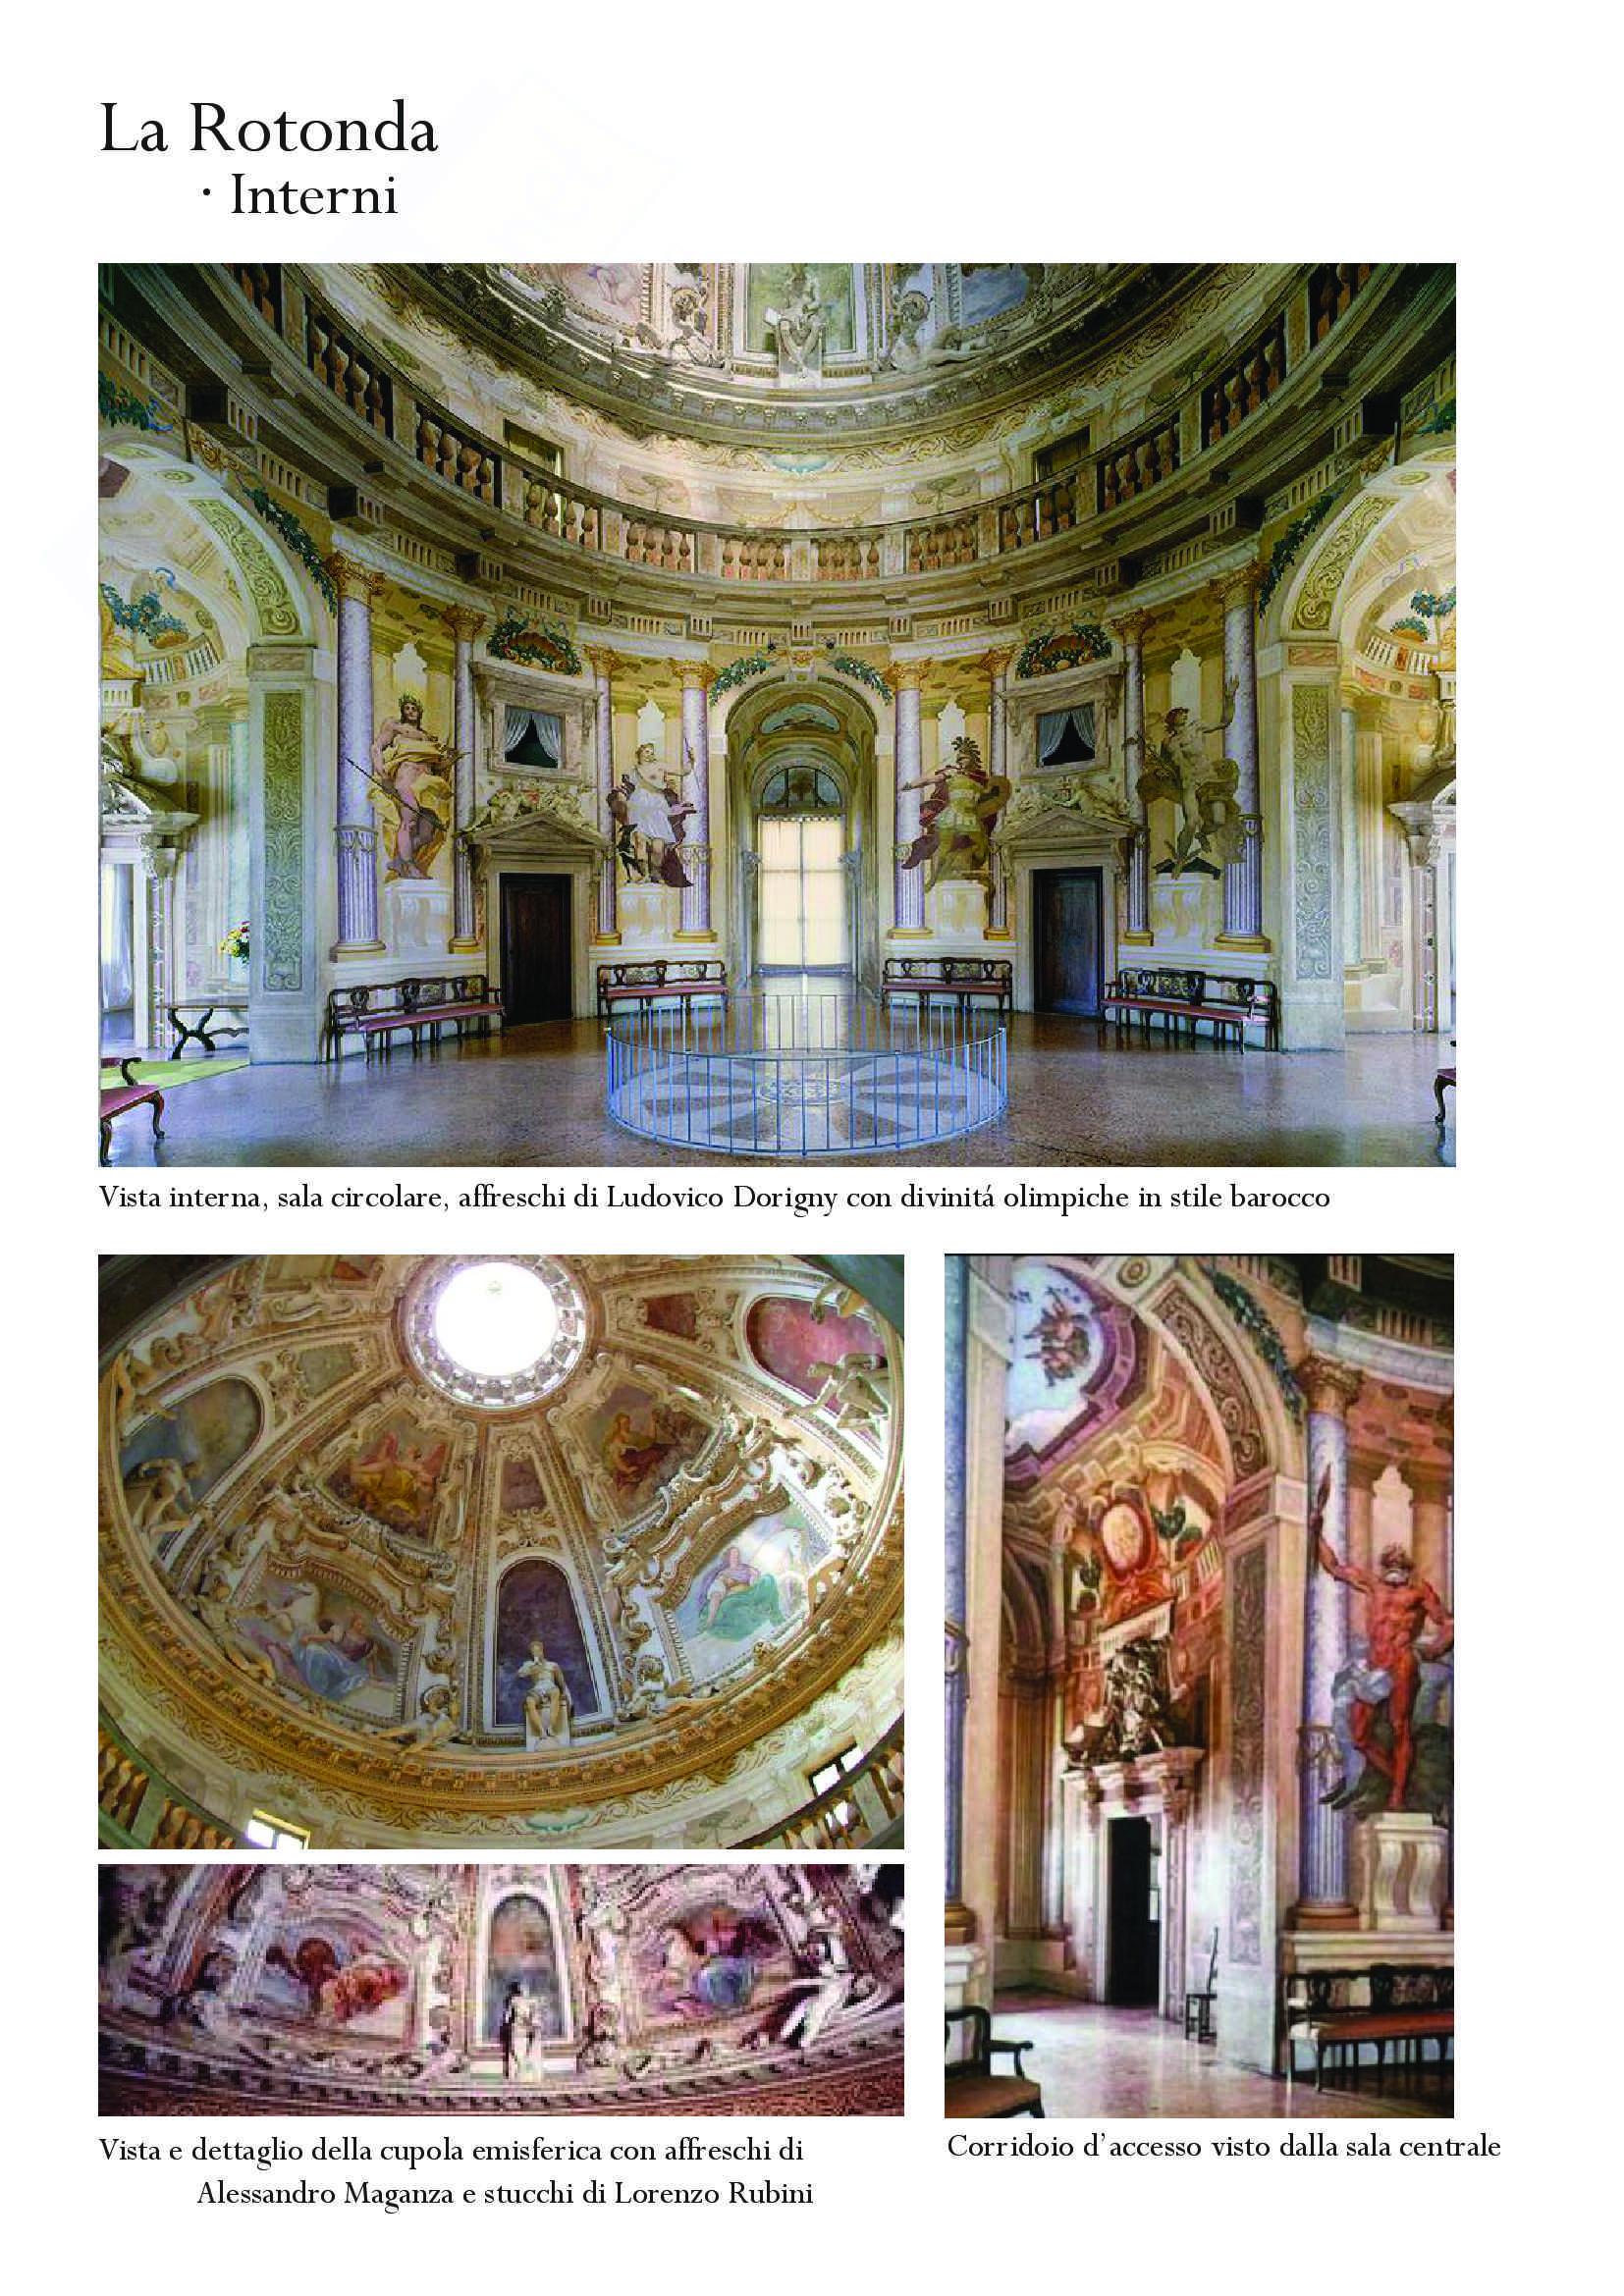 Approfondimento Palladio e La Rotonda: Storia dell'architettura moderna Pag. 16